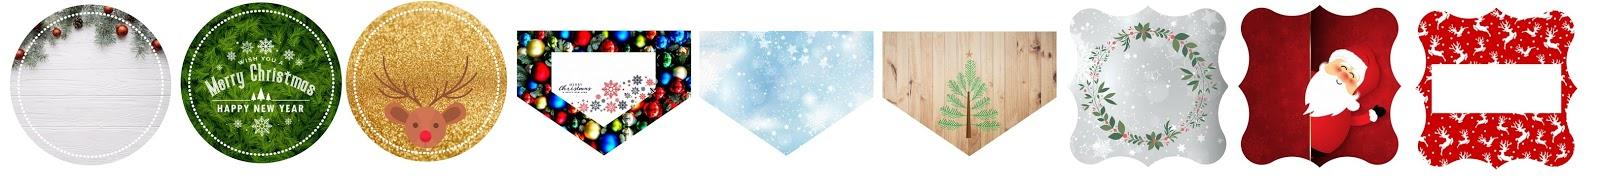 Etykiety_swiateczne_do_prezentów karnety karneciki bileciki do prezentów do druku do pobrania darmowe świąteczne karneciki bileciki świąteczne do prezentów do torebek z okazji bożego narodzenia z mikołajem z gwiazdkami złote